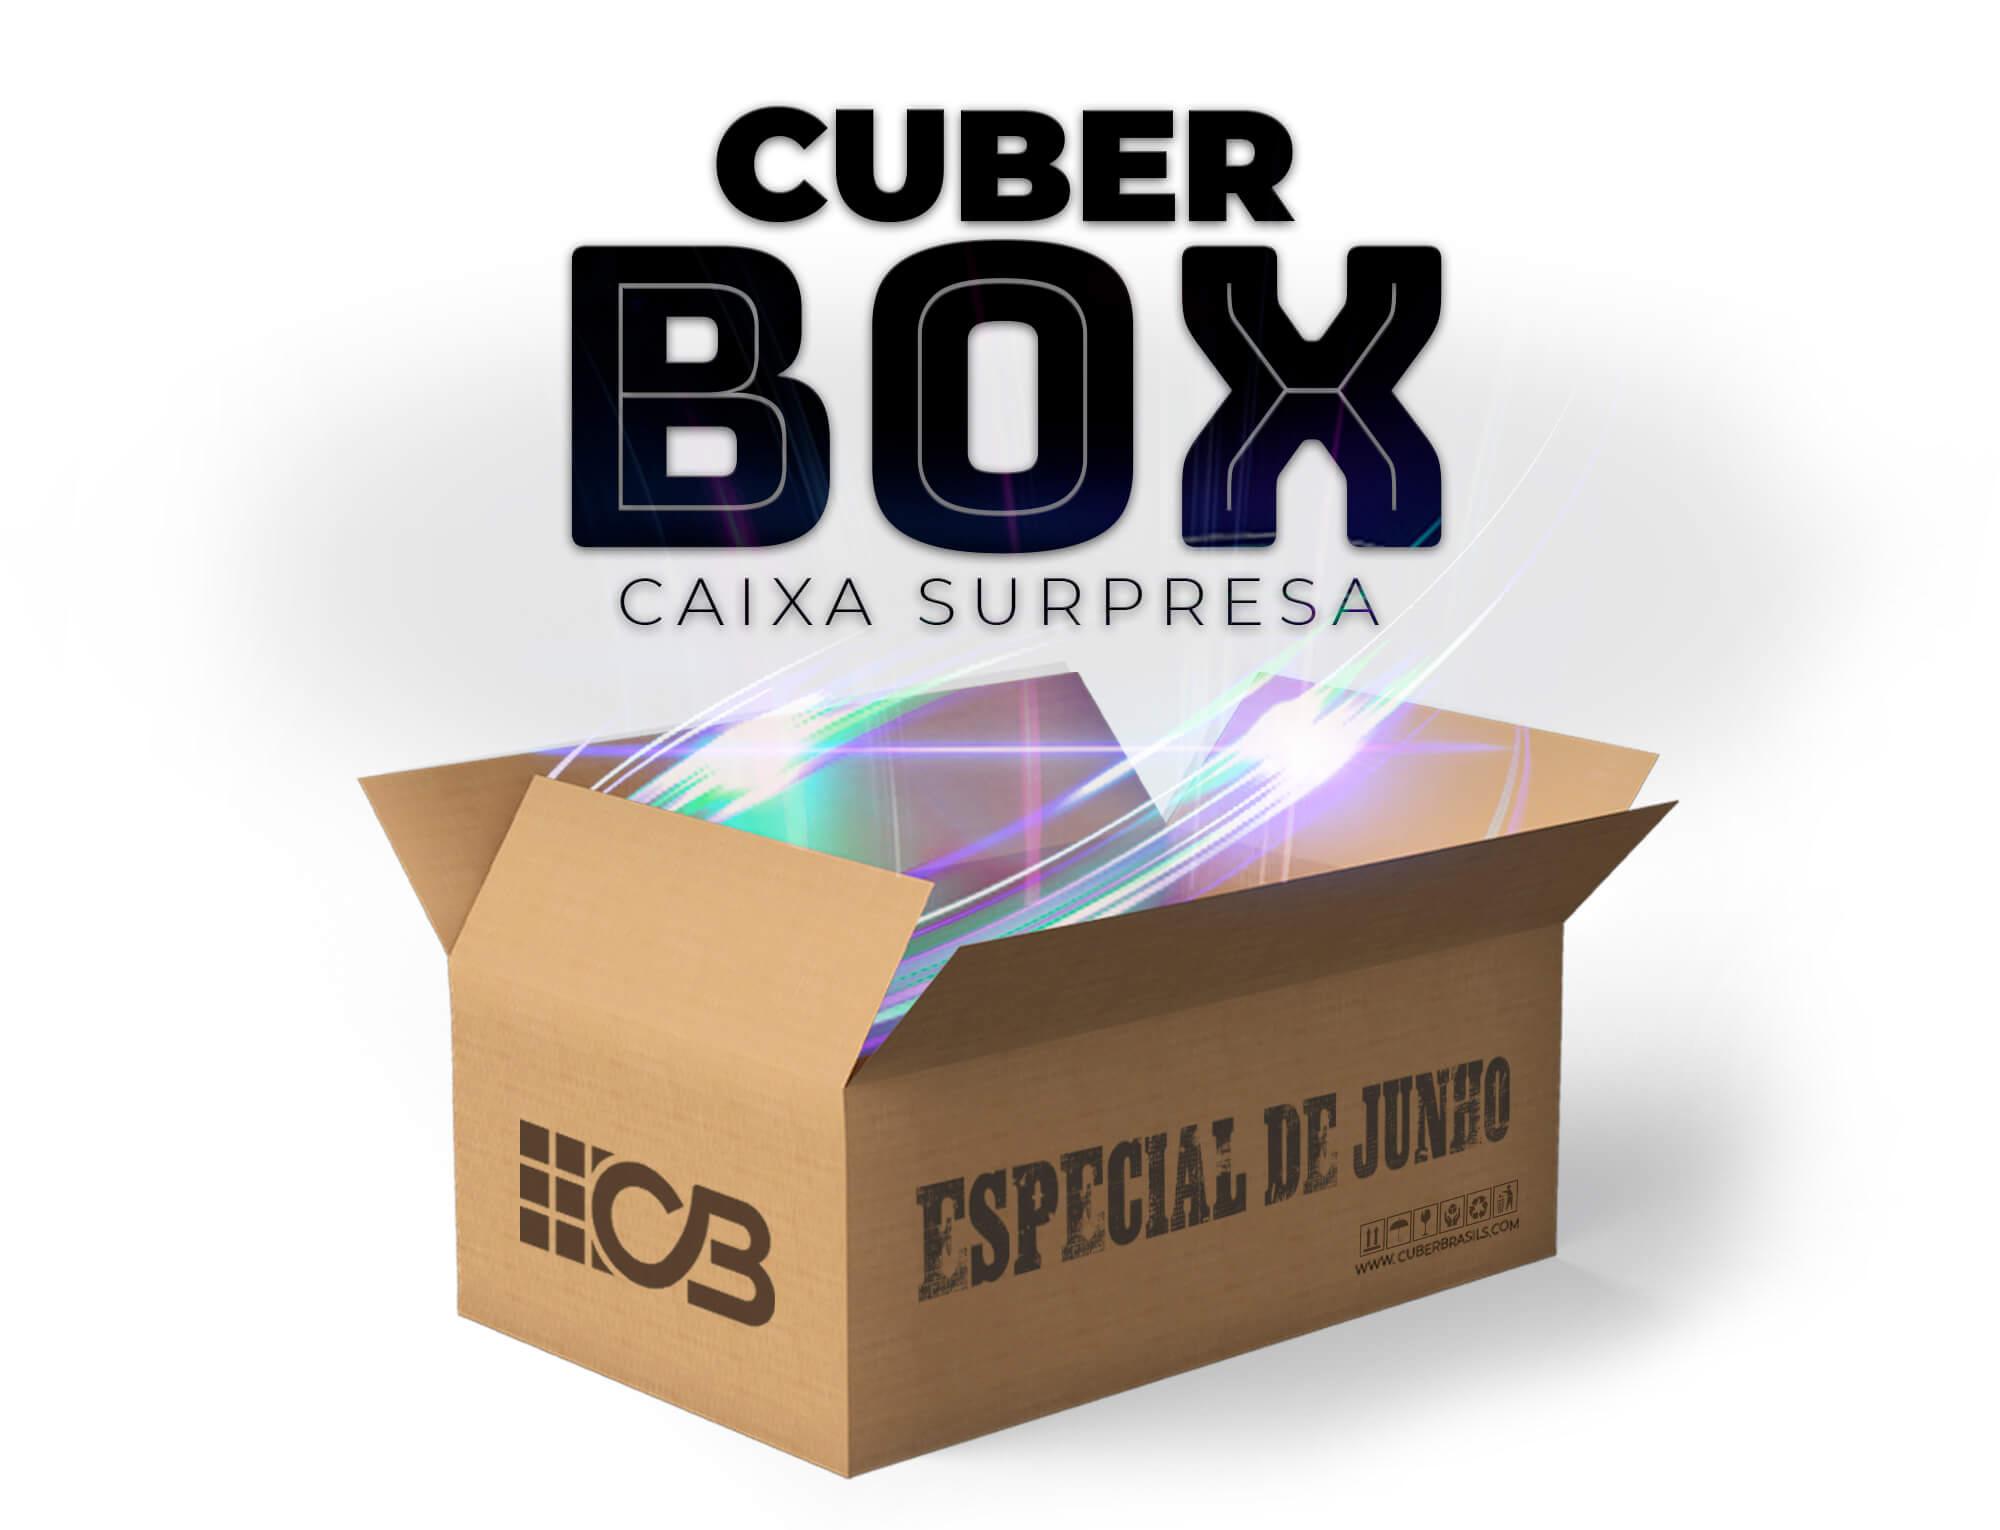 CUBER BOX - CAIXA SURPRESA JUNHO